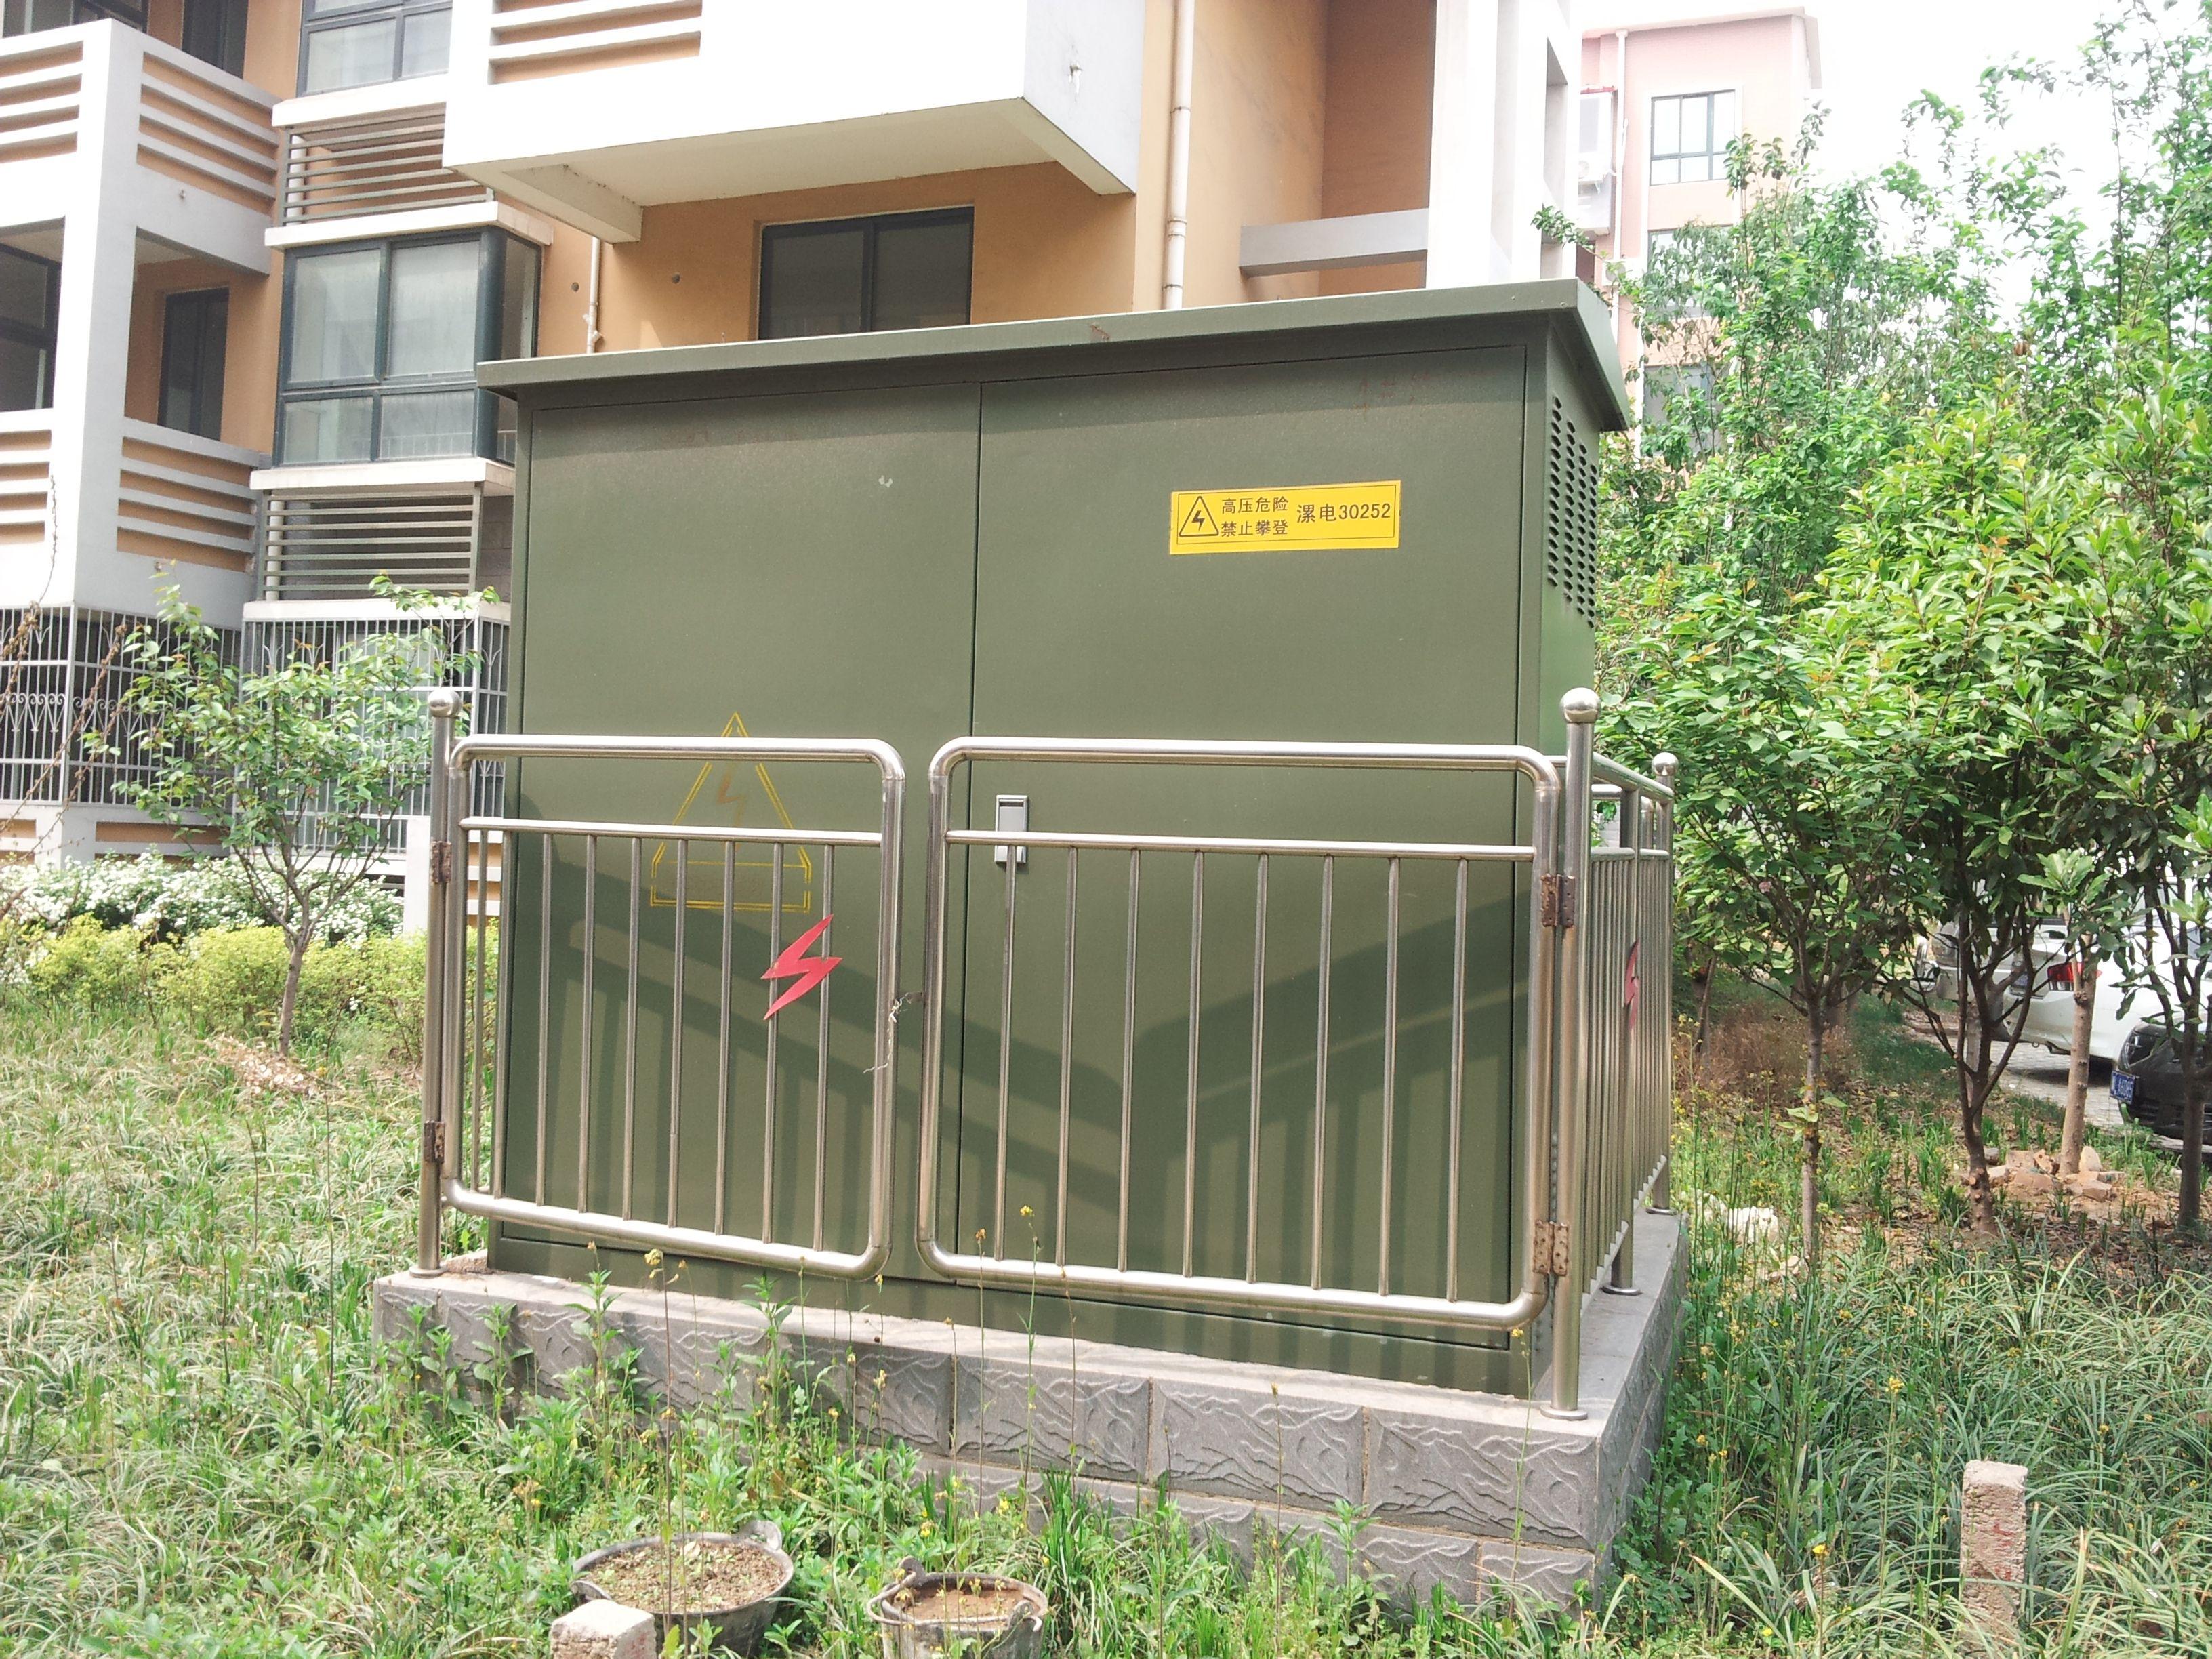 什么是箱式变电站?图片